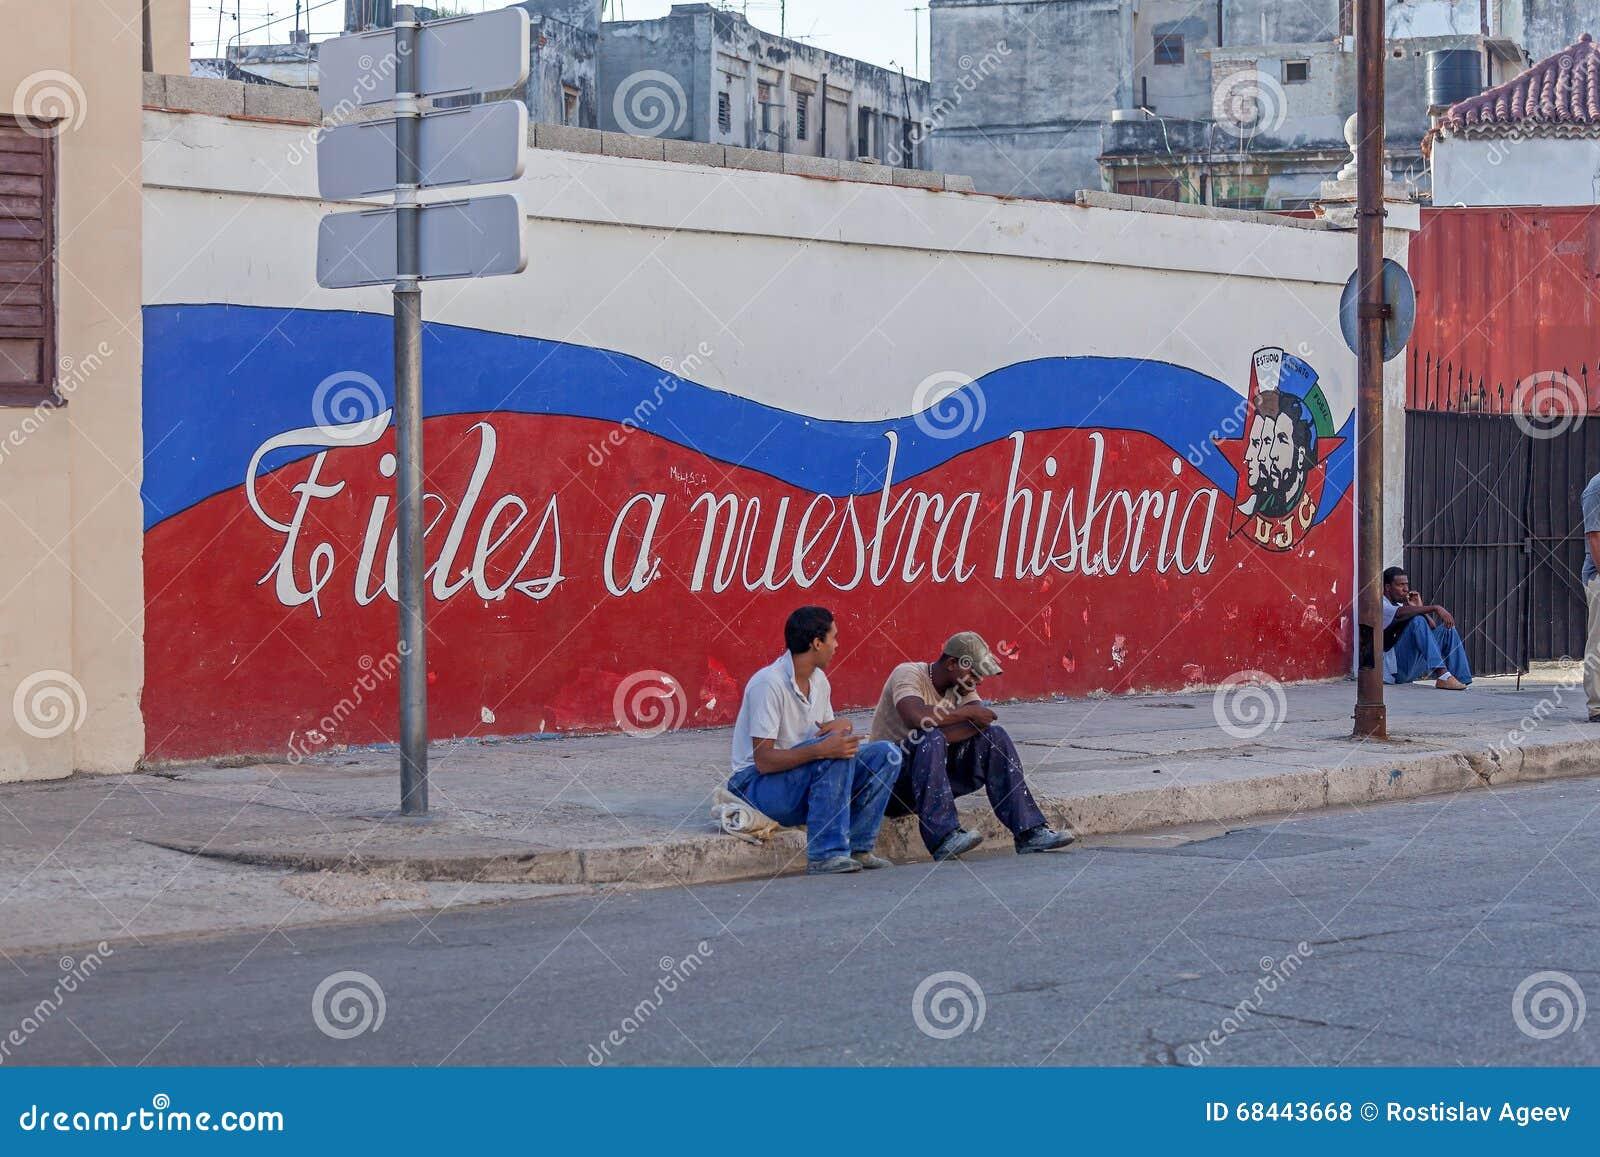 HAVANA, CUBA - APRIL 2, 2012:Cuban teenagers sitting near propaganda graffiti